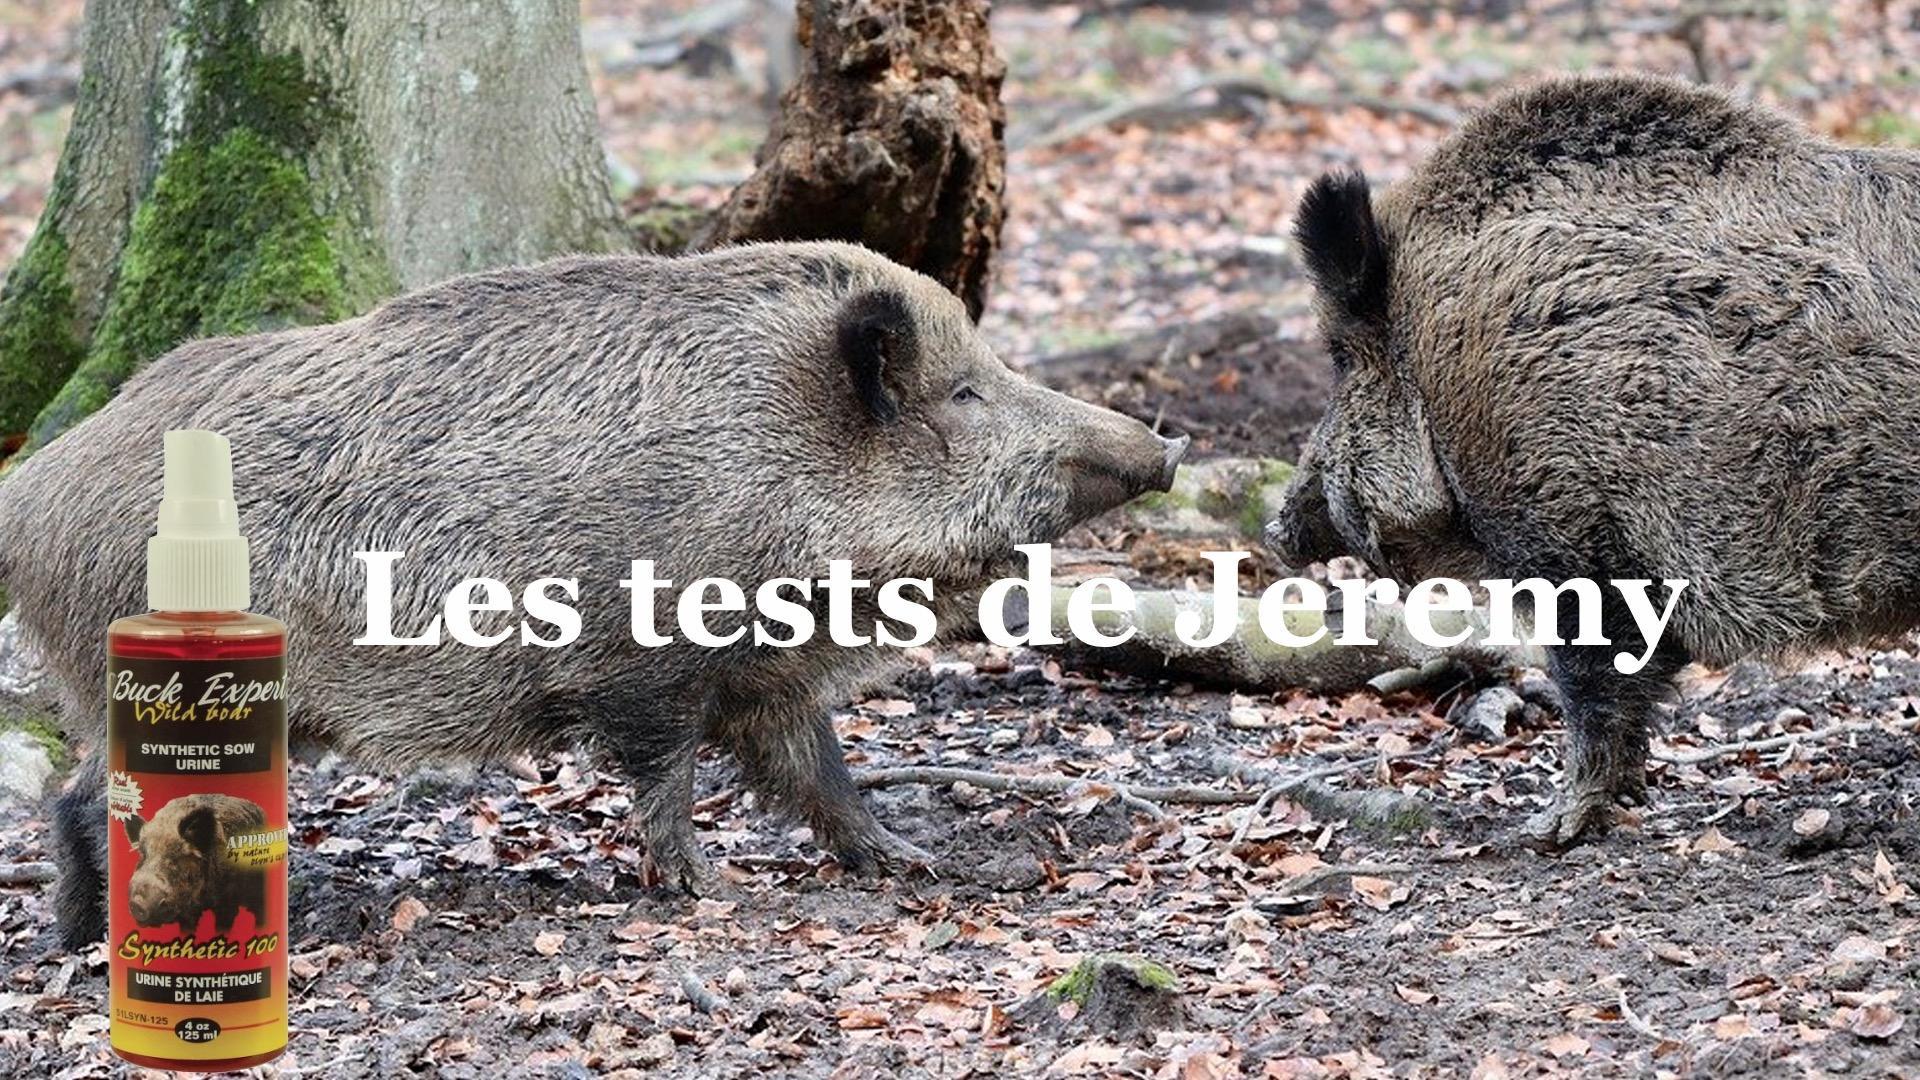 Les tests de jeremy urine synthe tique de laie en chaleur